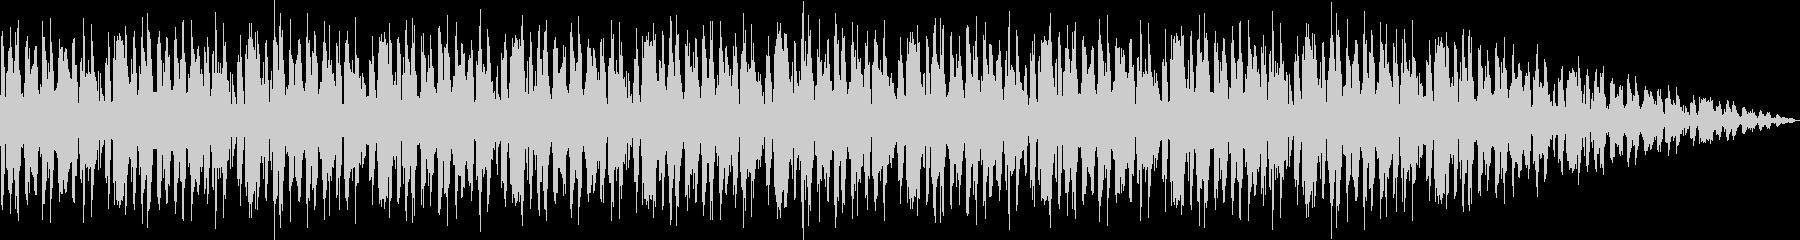 ループコスト、リード。の未再生の波形